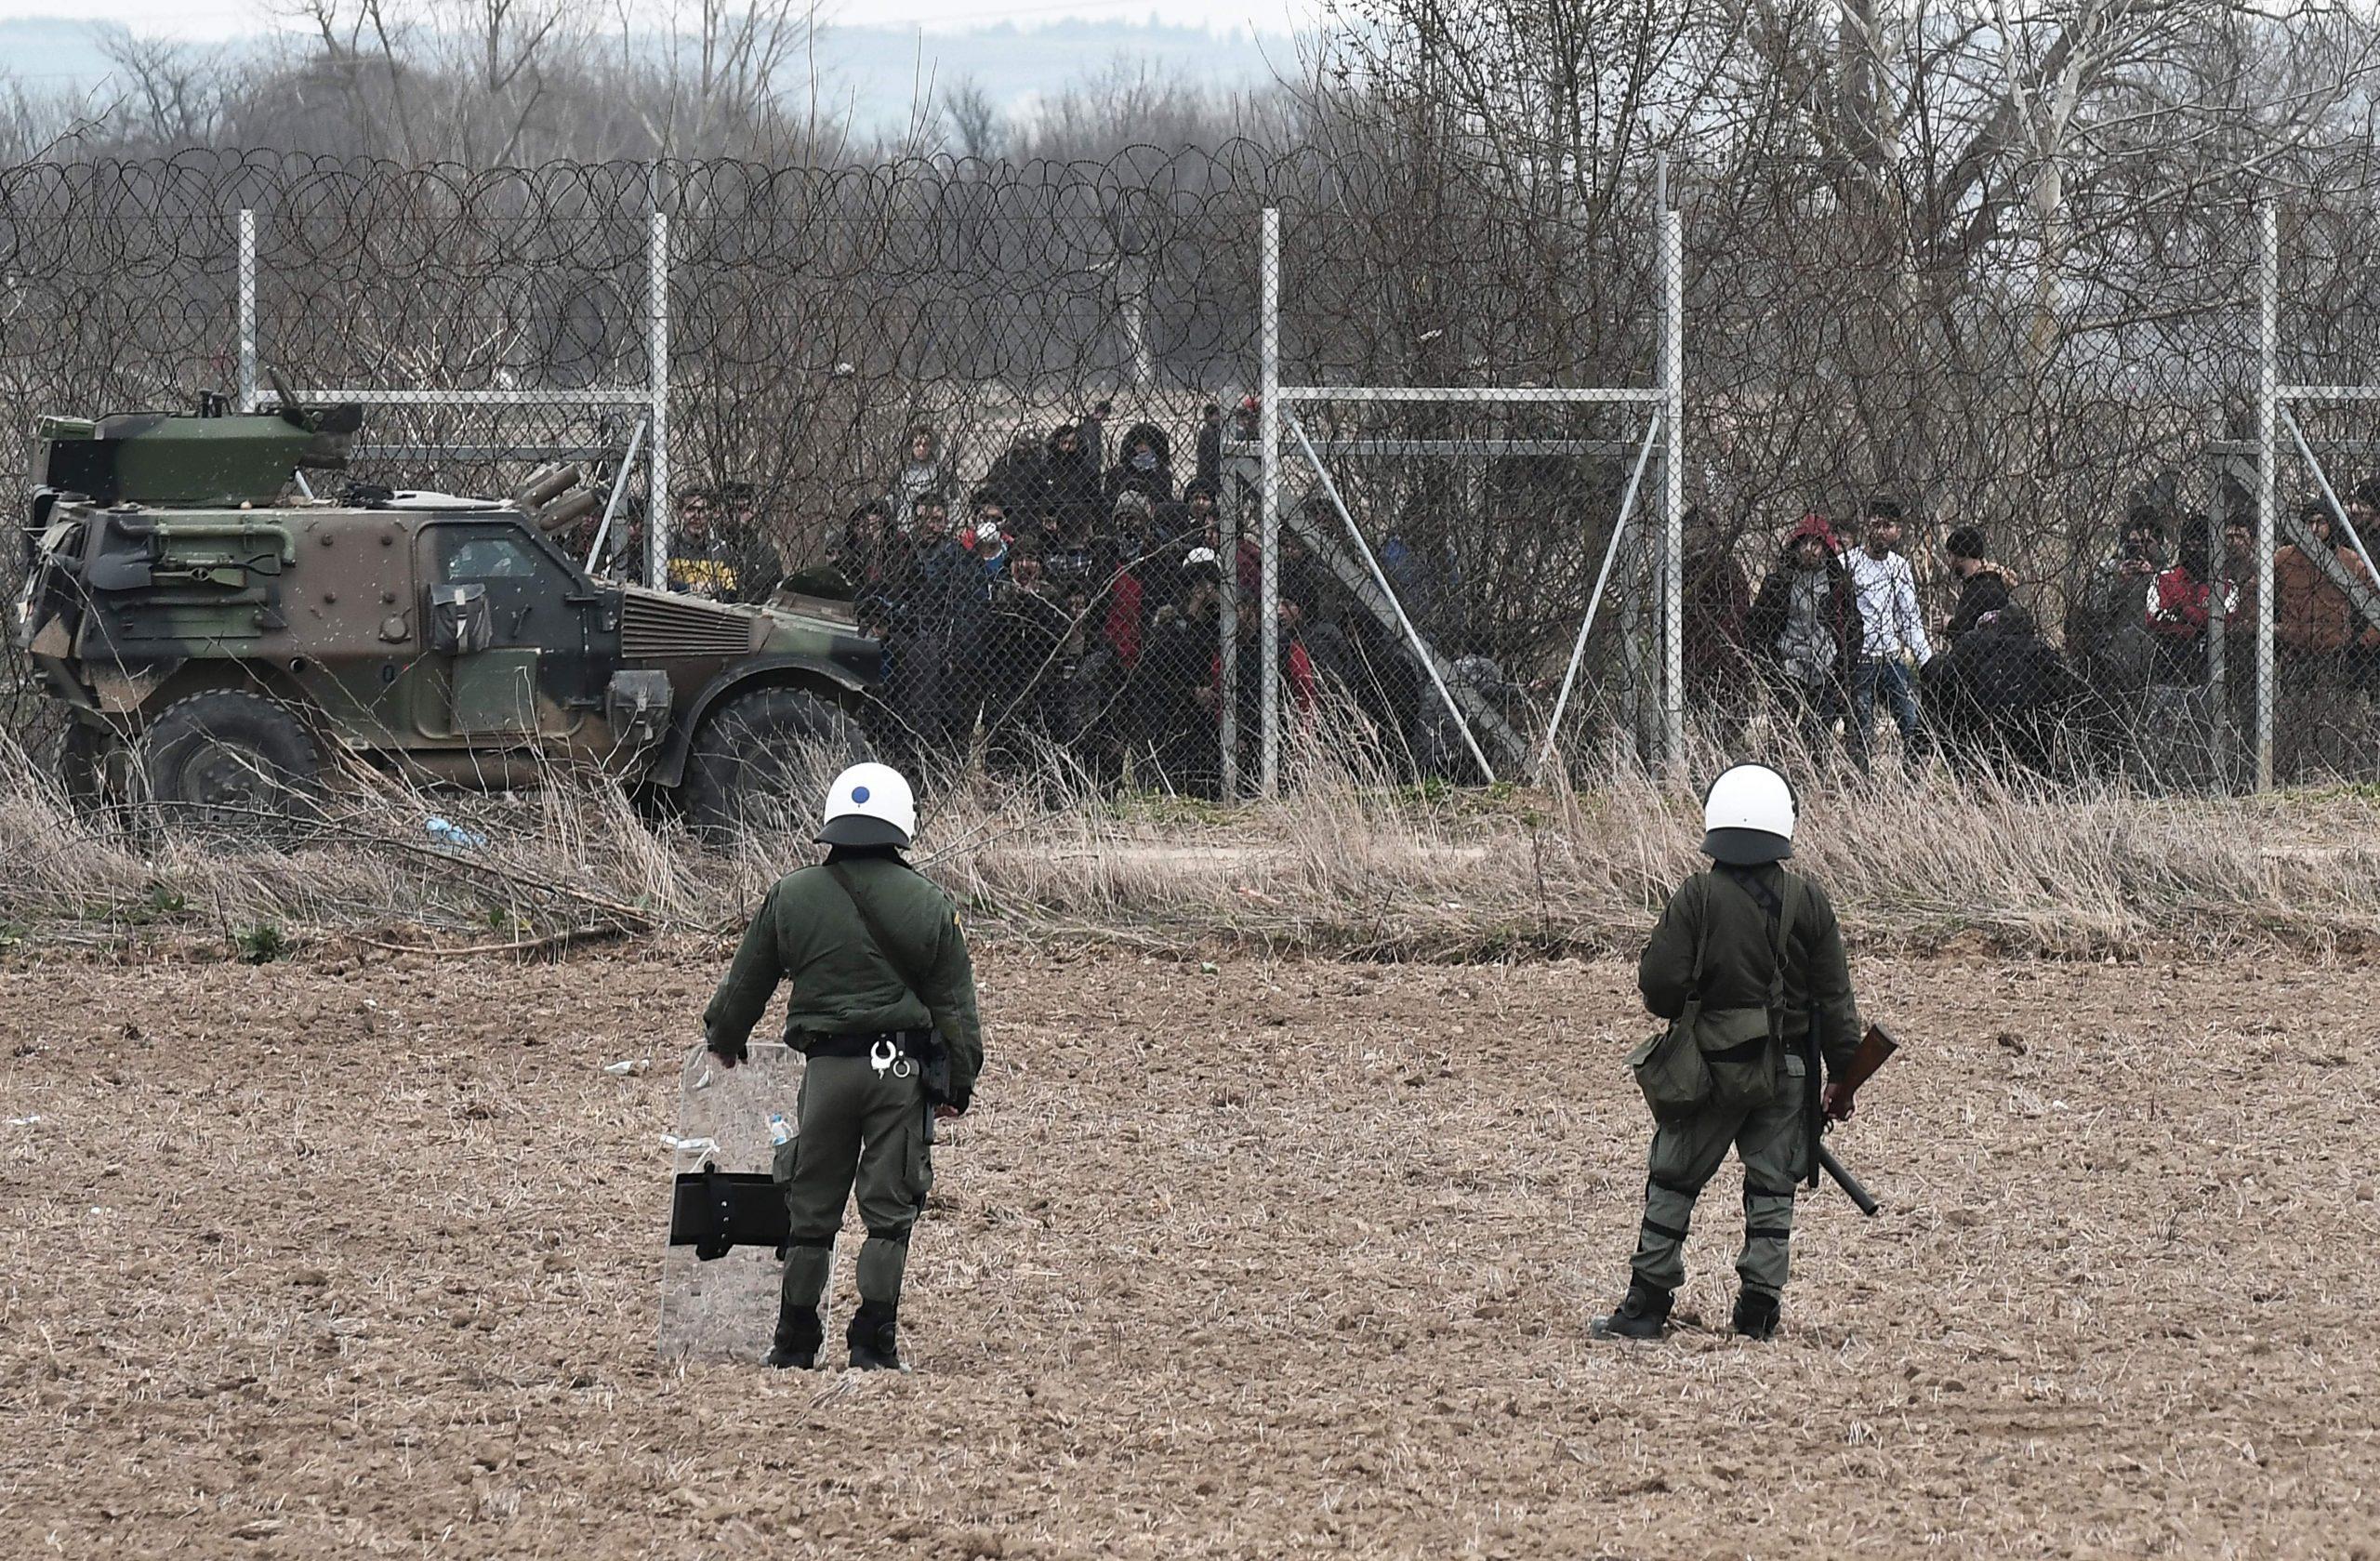 Griechenland will mit ohrenbetäubenden Schallkanonen Flüchtlinge abschrecken